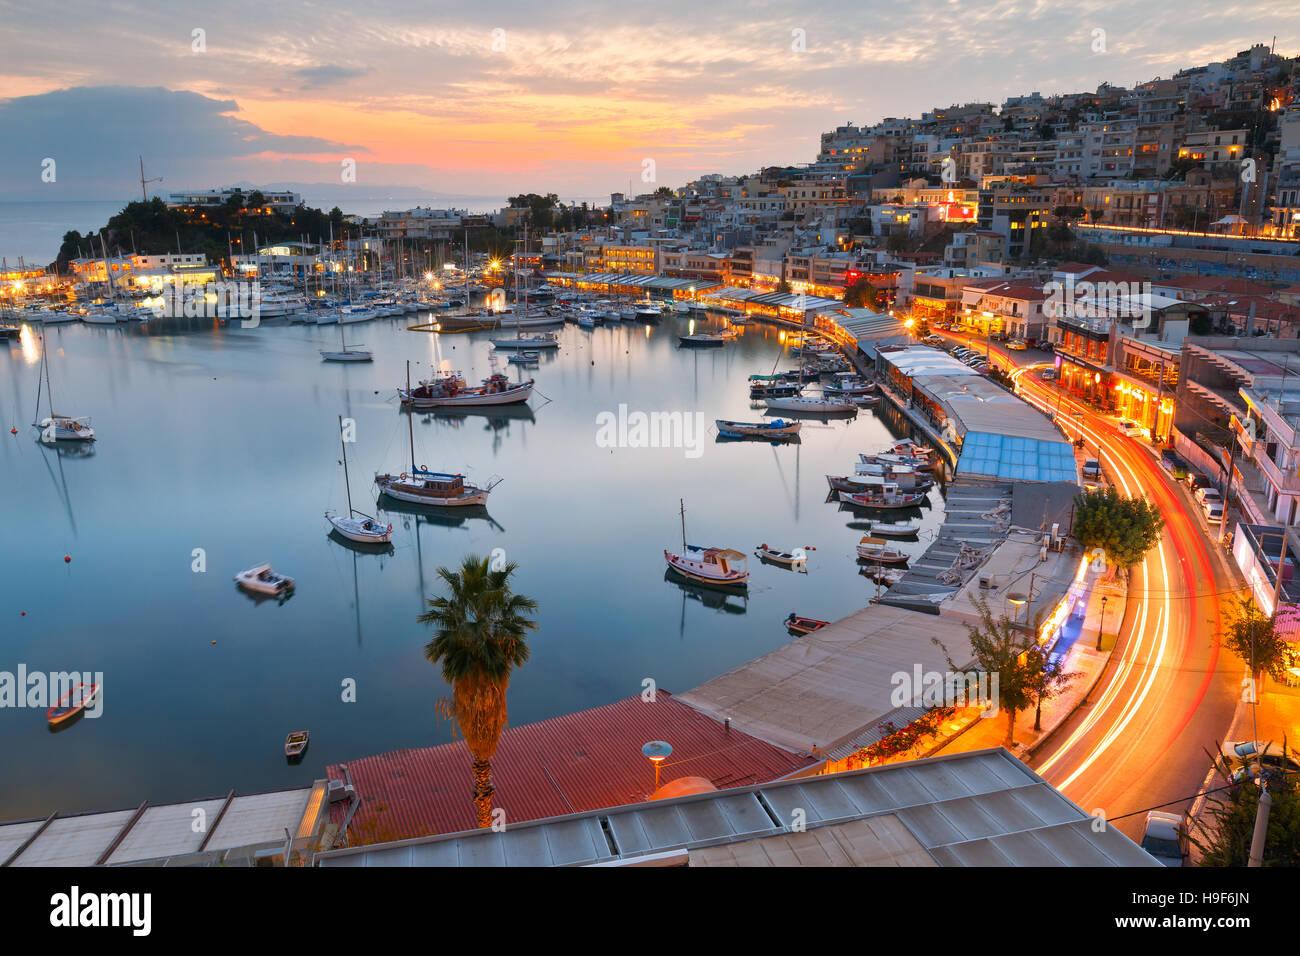 Vista de noche de Mikrolimano marina en Atenas, Grecia. Imagen De Stock